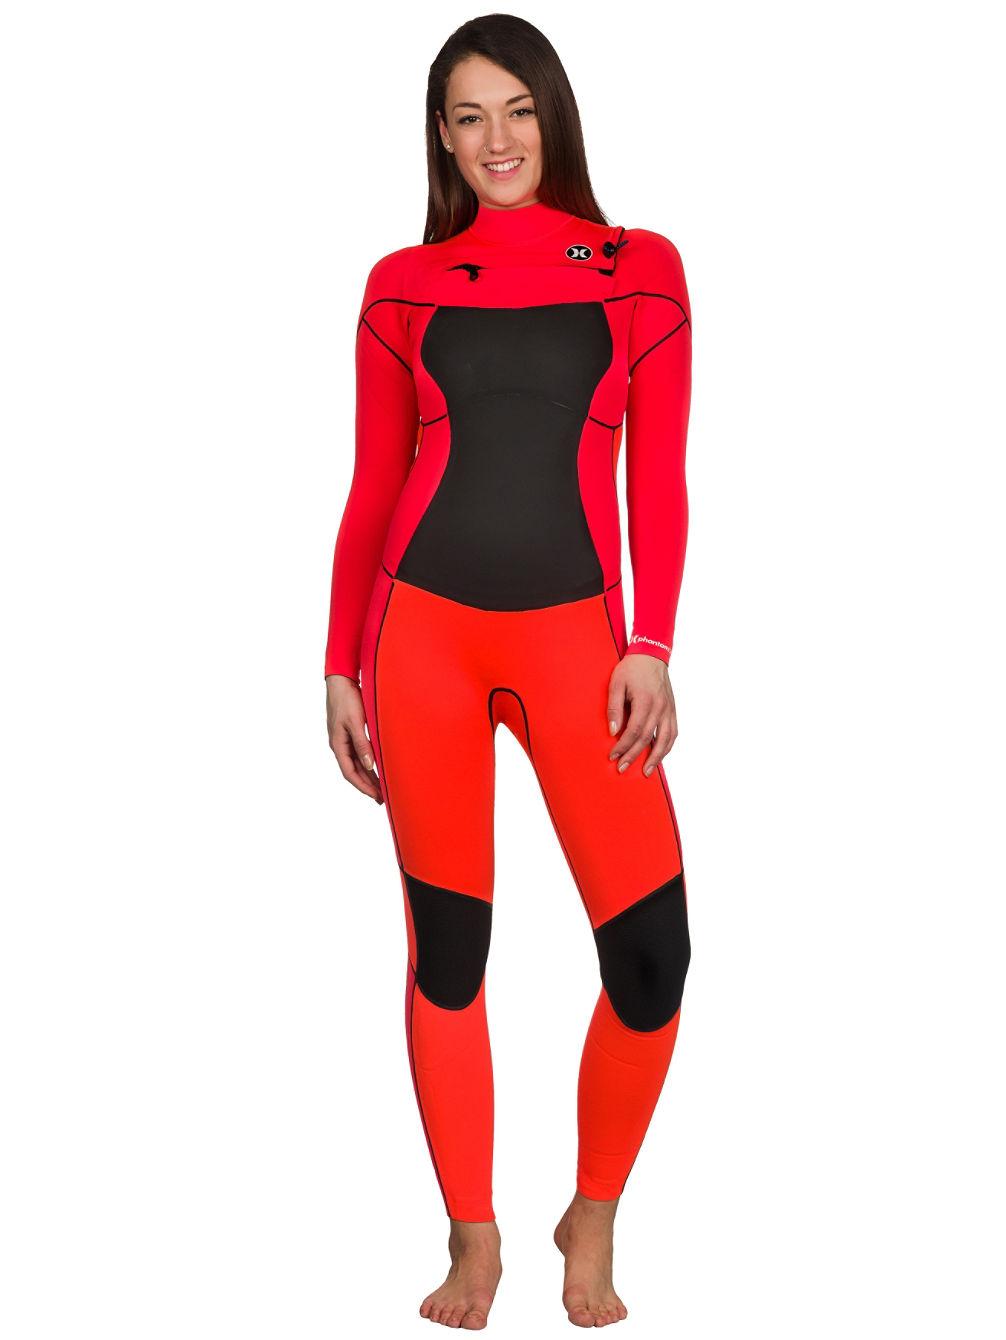 0895921f35 Buy Hurley Phantom 202 Full Wetsuit online at blue-tomato.com